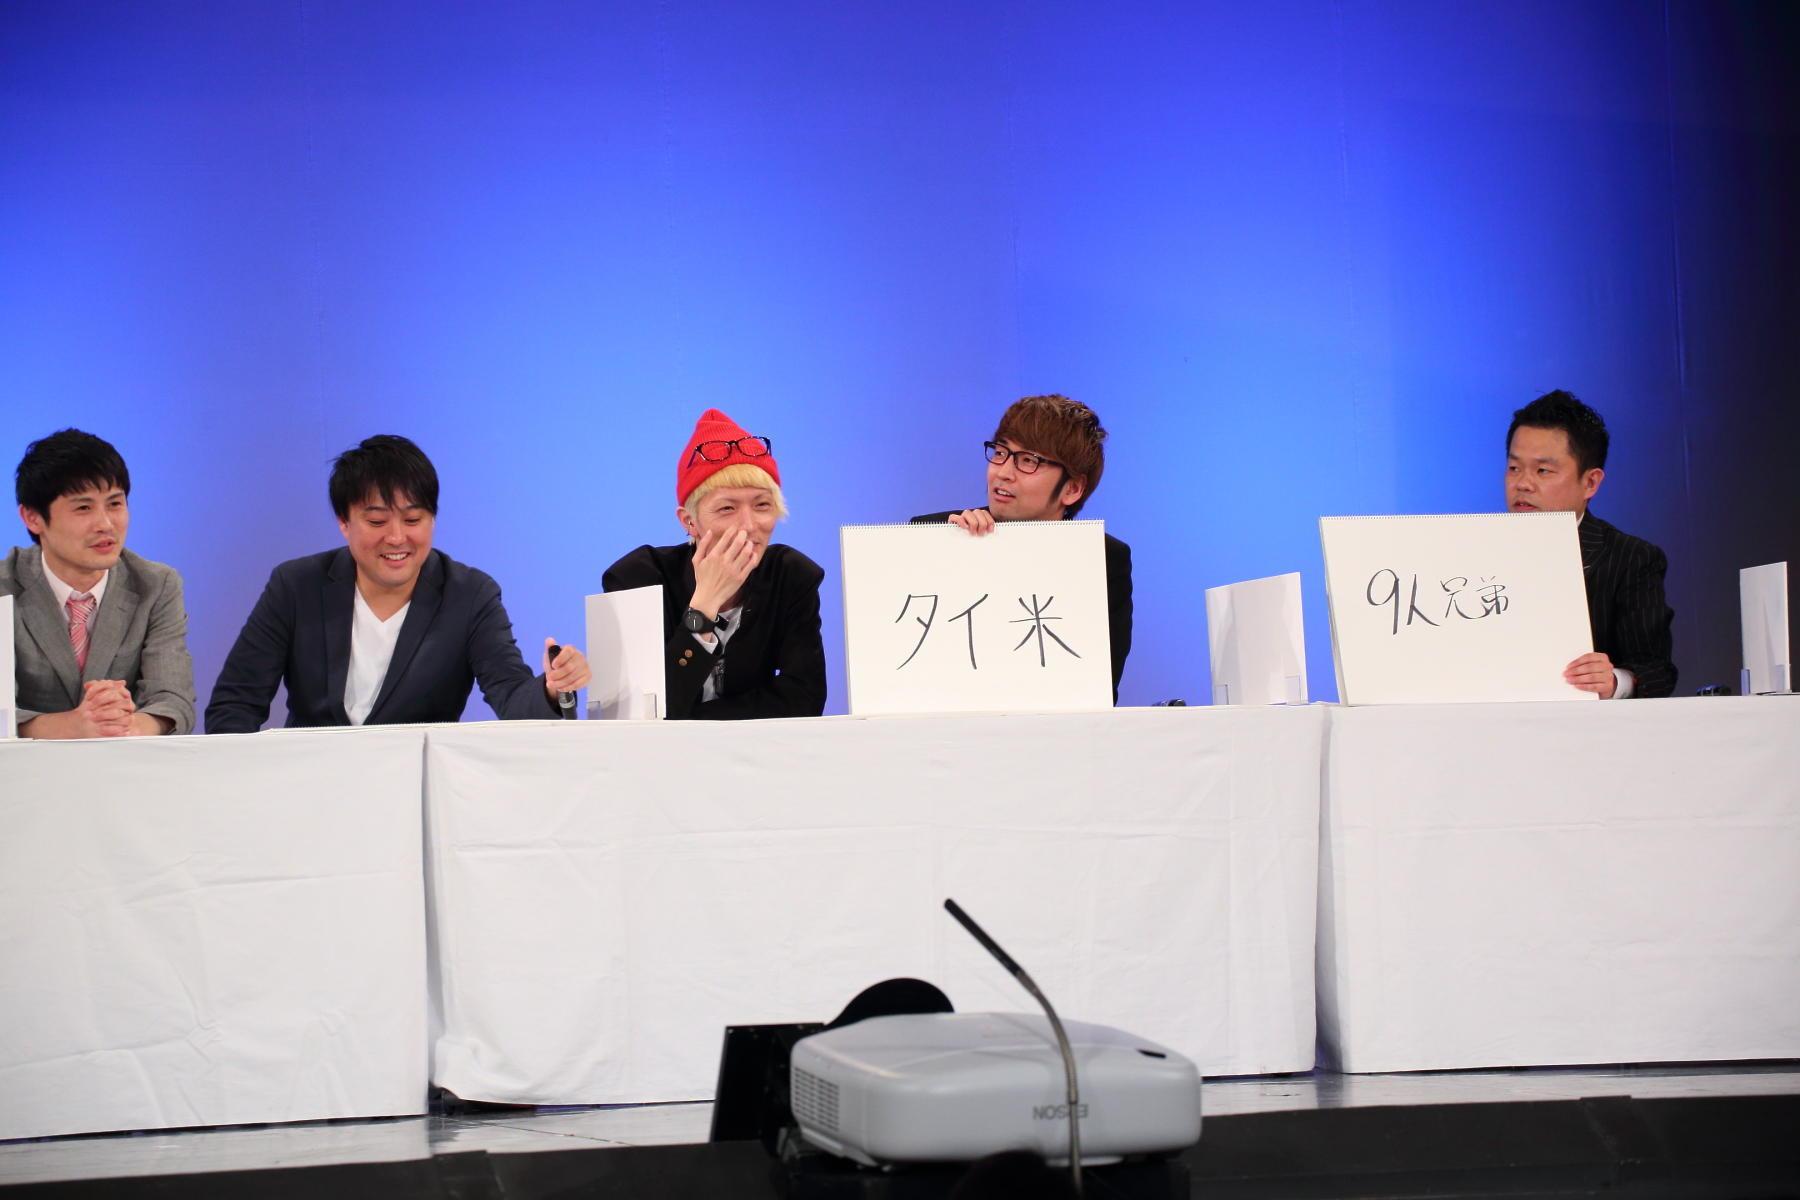 http://news.yoshimoto.co.jp/20170316064412-c154c7d13b1a879c23d04d0411e2712b35f5b195.jpg